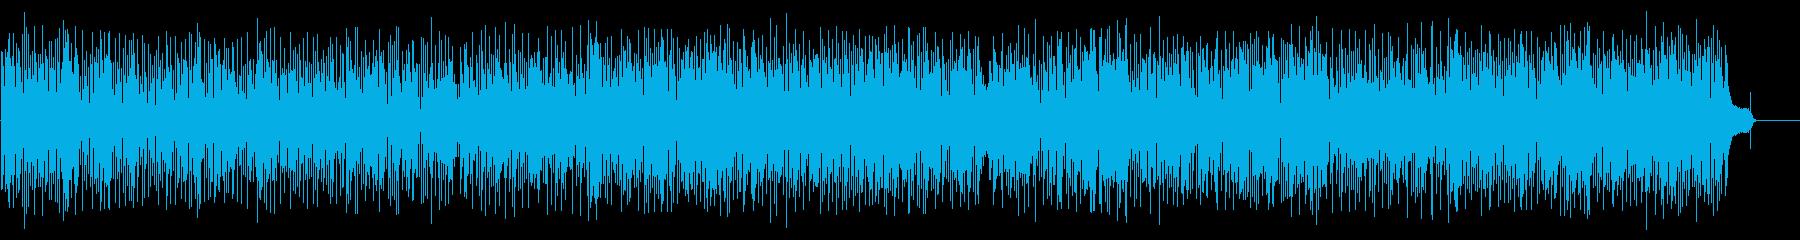 情熱的なマイナーラテンポップの再生済みの波形